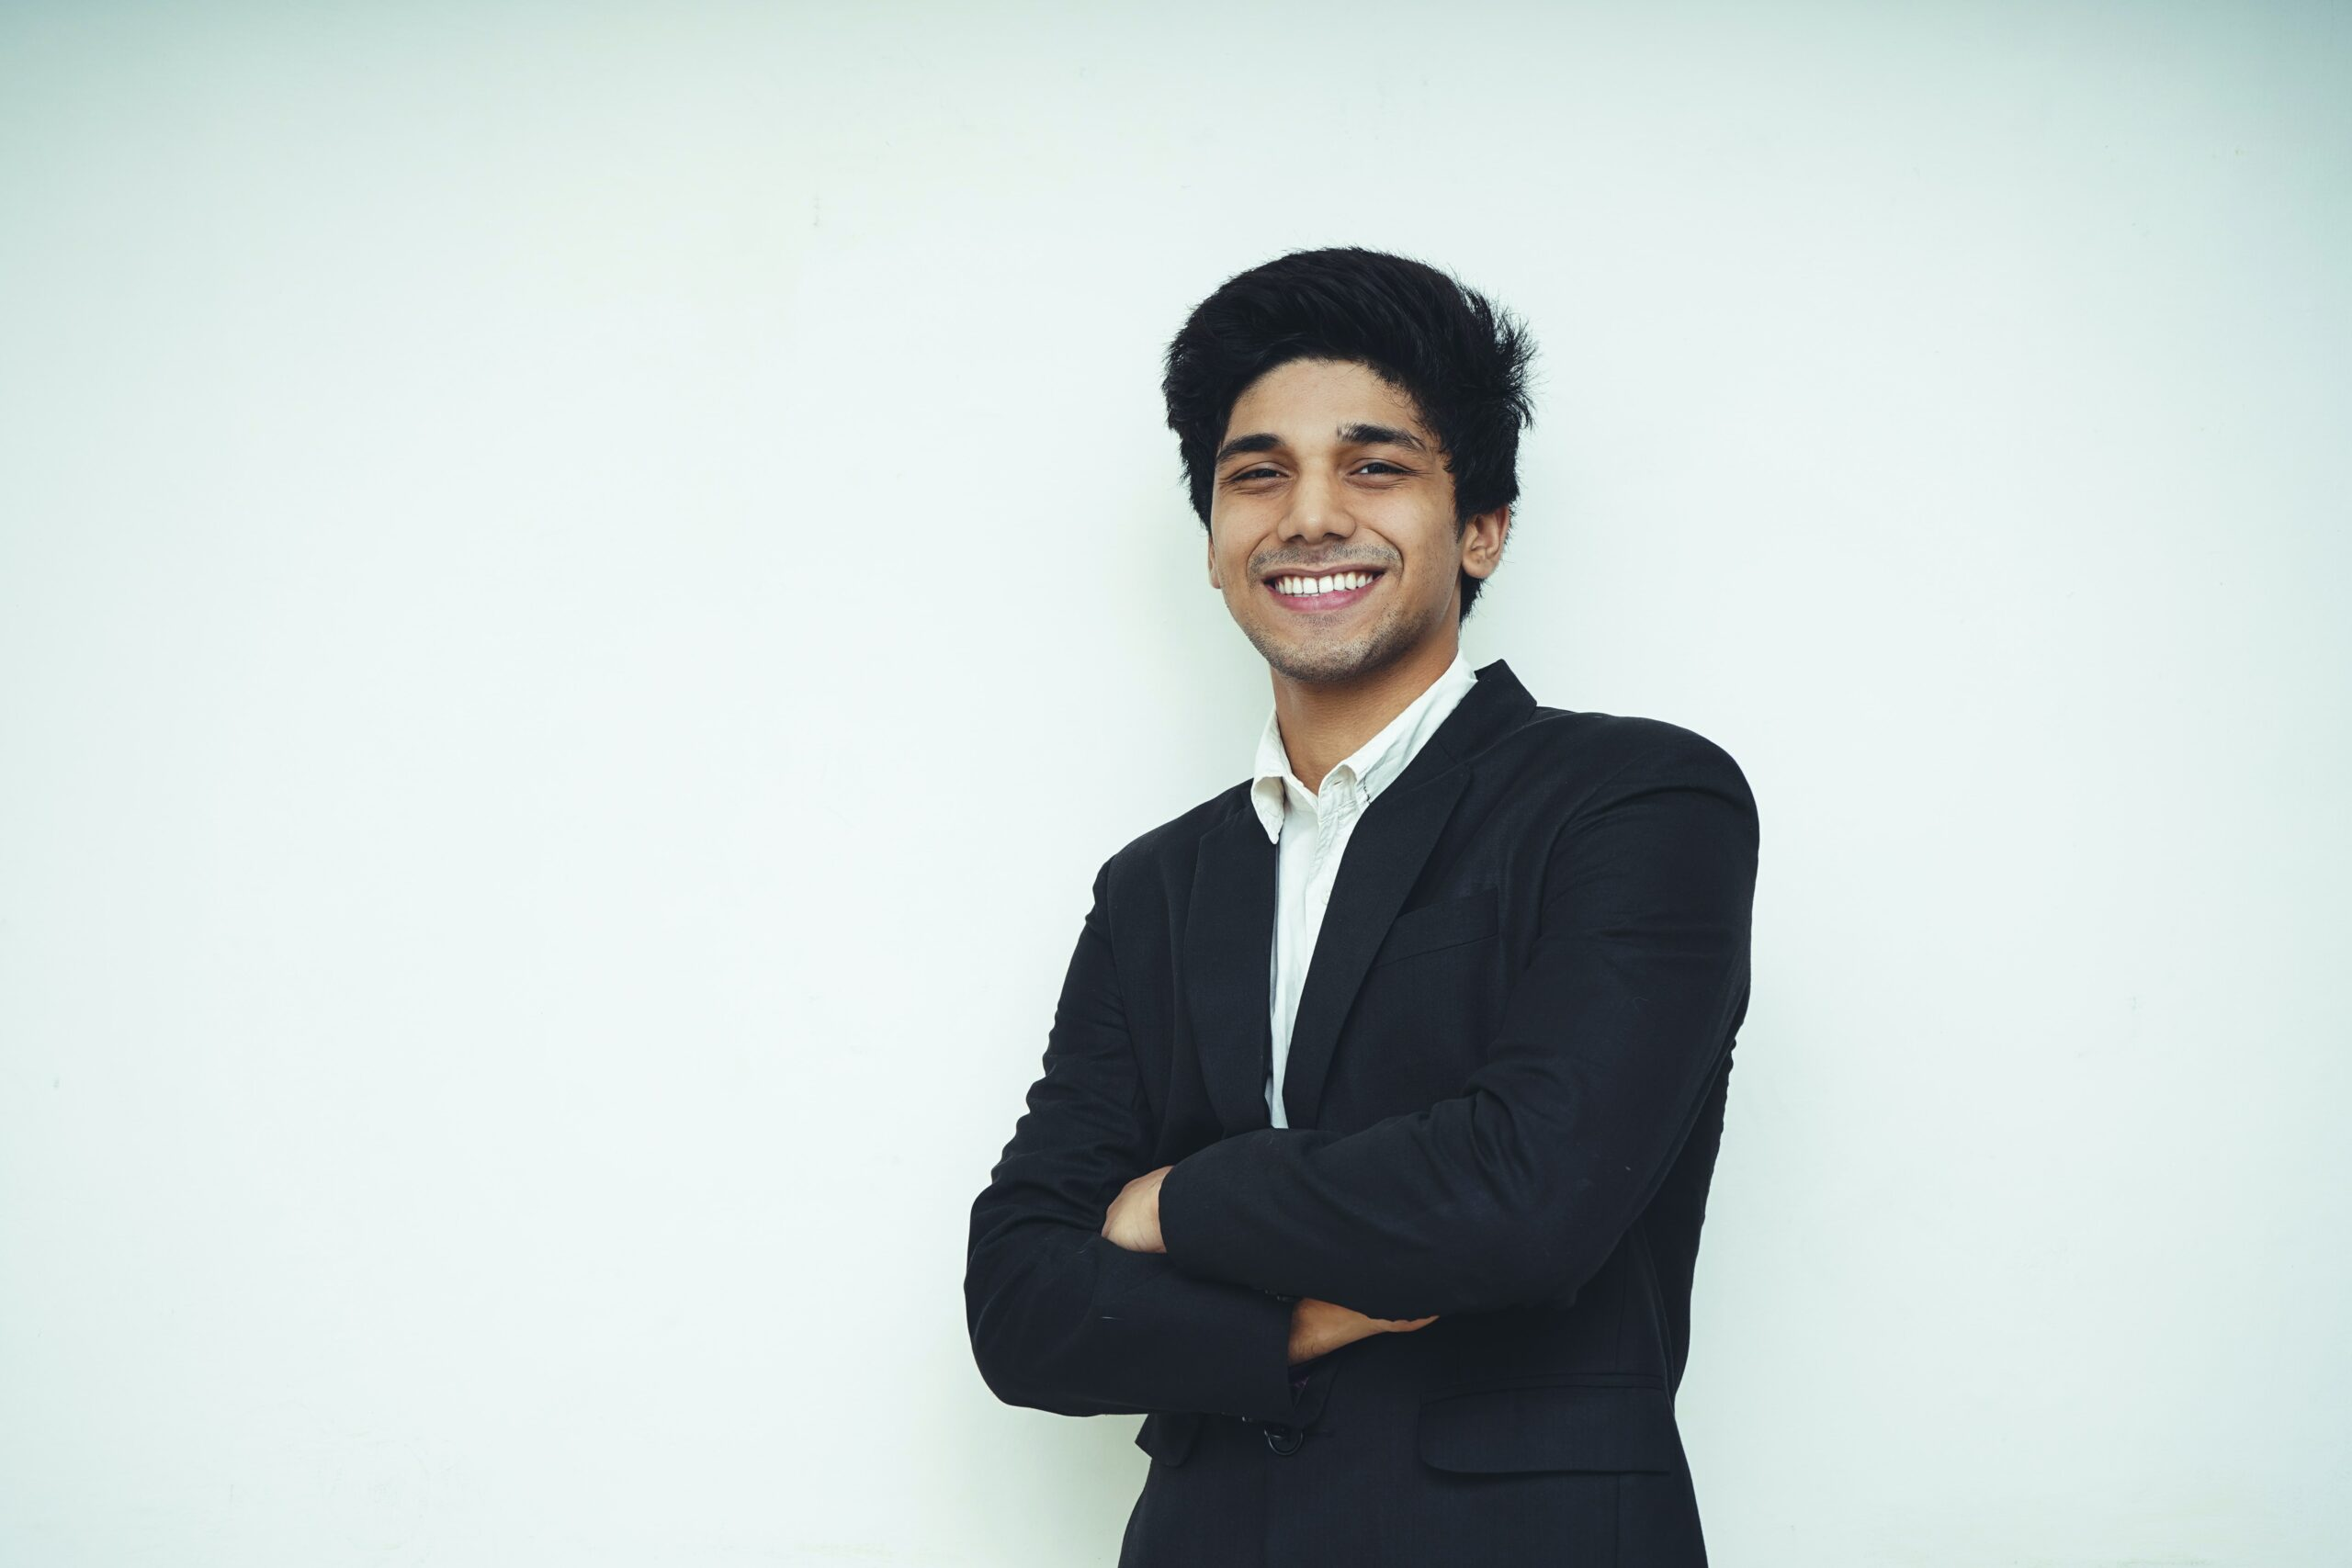 jongeren_business_smile_werk